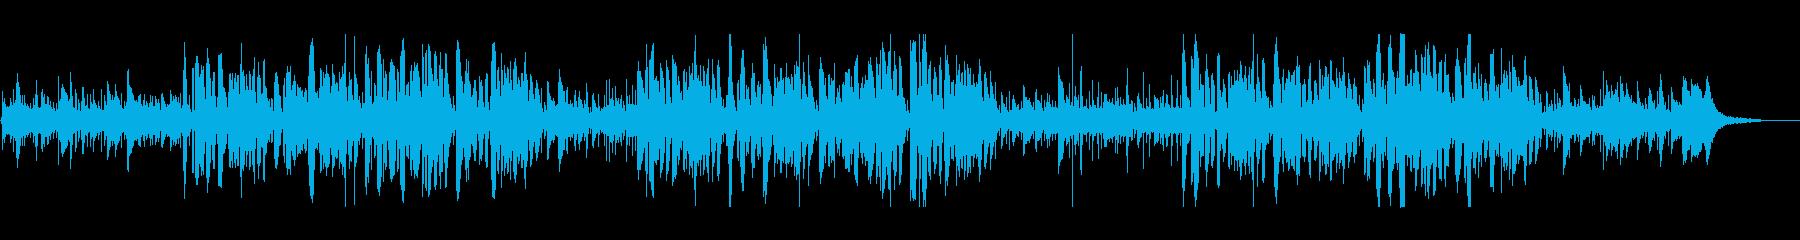 プロジャズシンガーのおしゃれクリスマス曲の再生済みの波形